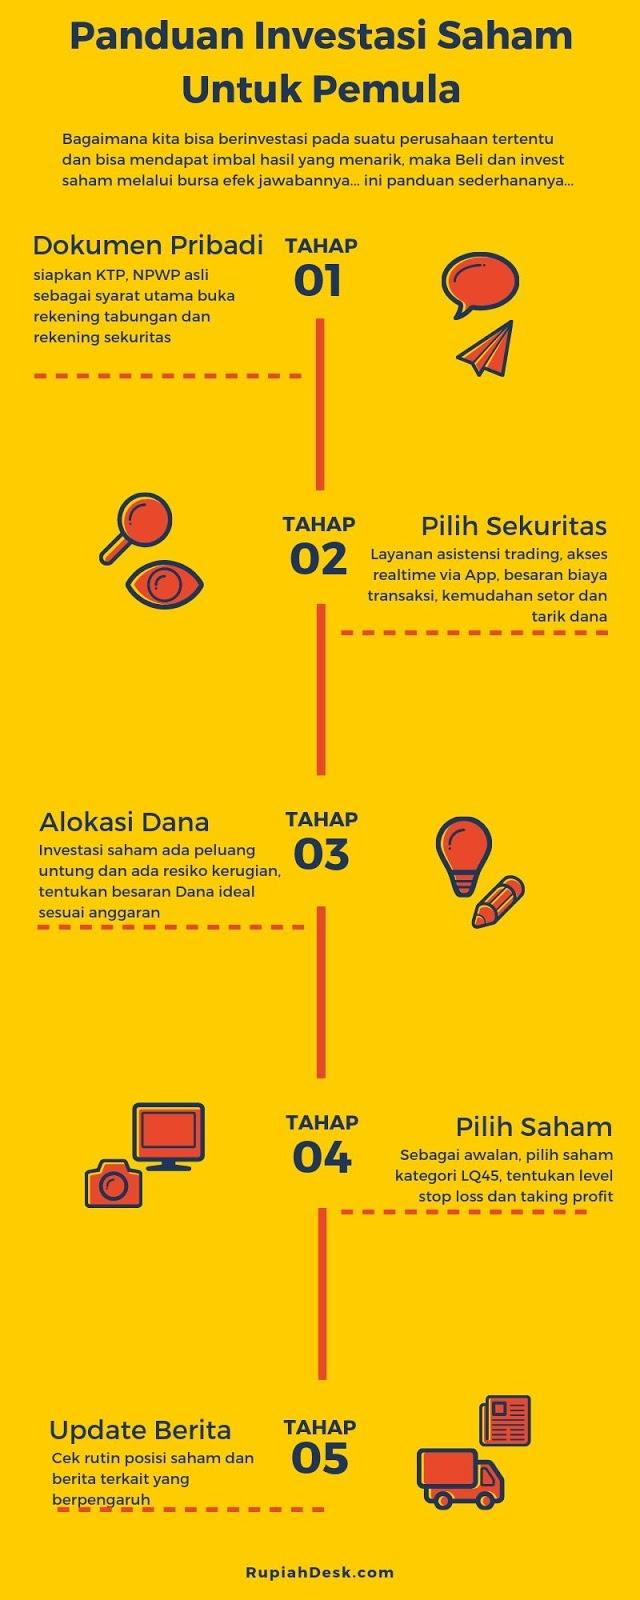 Panduan Investasi Saham Untuk Pemula (infografis)